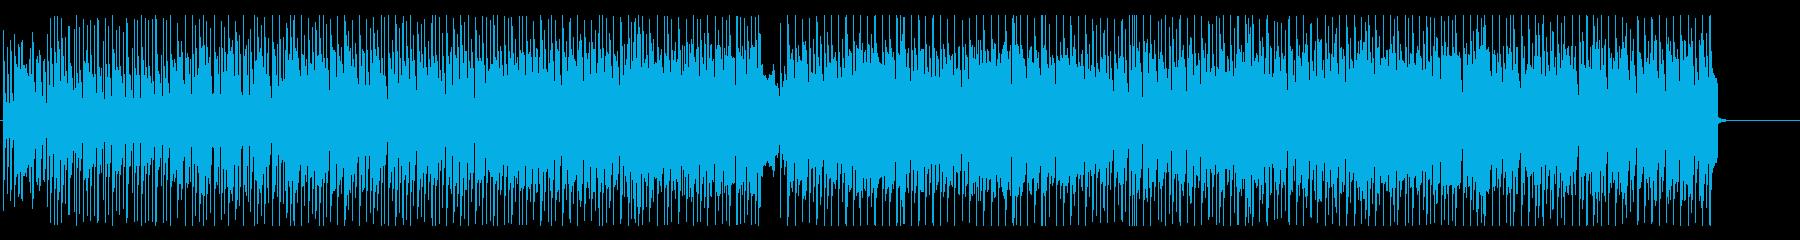 楽しい 元気 情報 天気予報 CM 充実の再生済みの波形